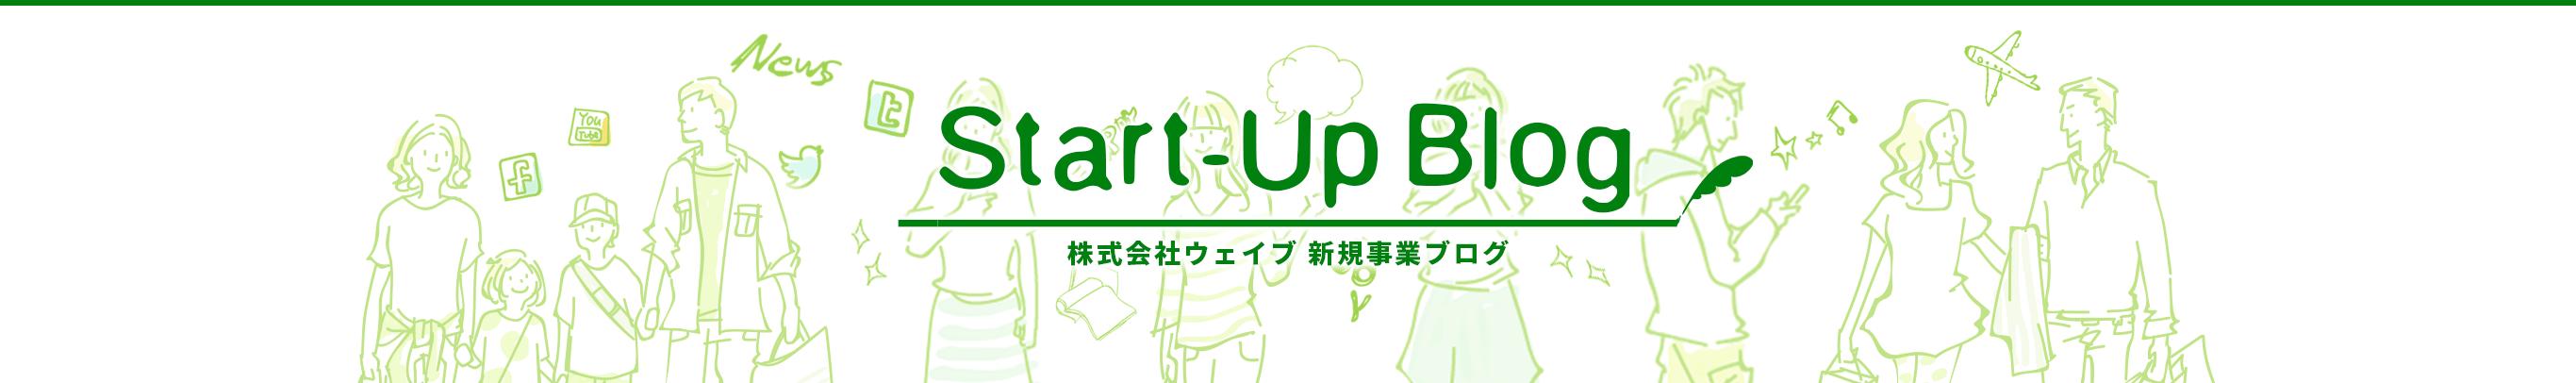 株式会社ウェイブの新規事業ブログです!新規企画についての取り組みや、報告、立ち上げについて書いていきます。